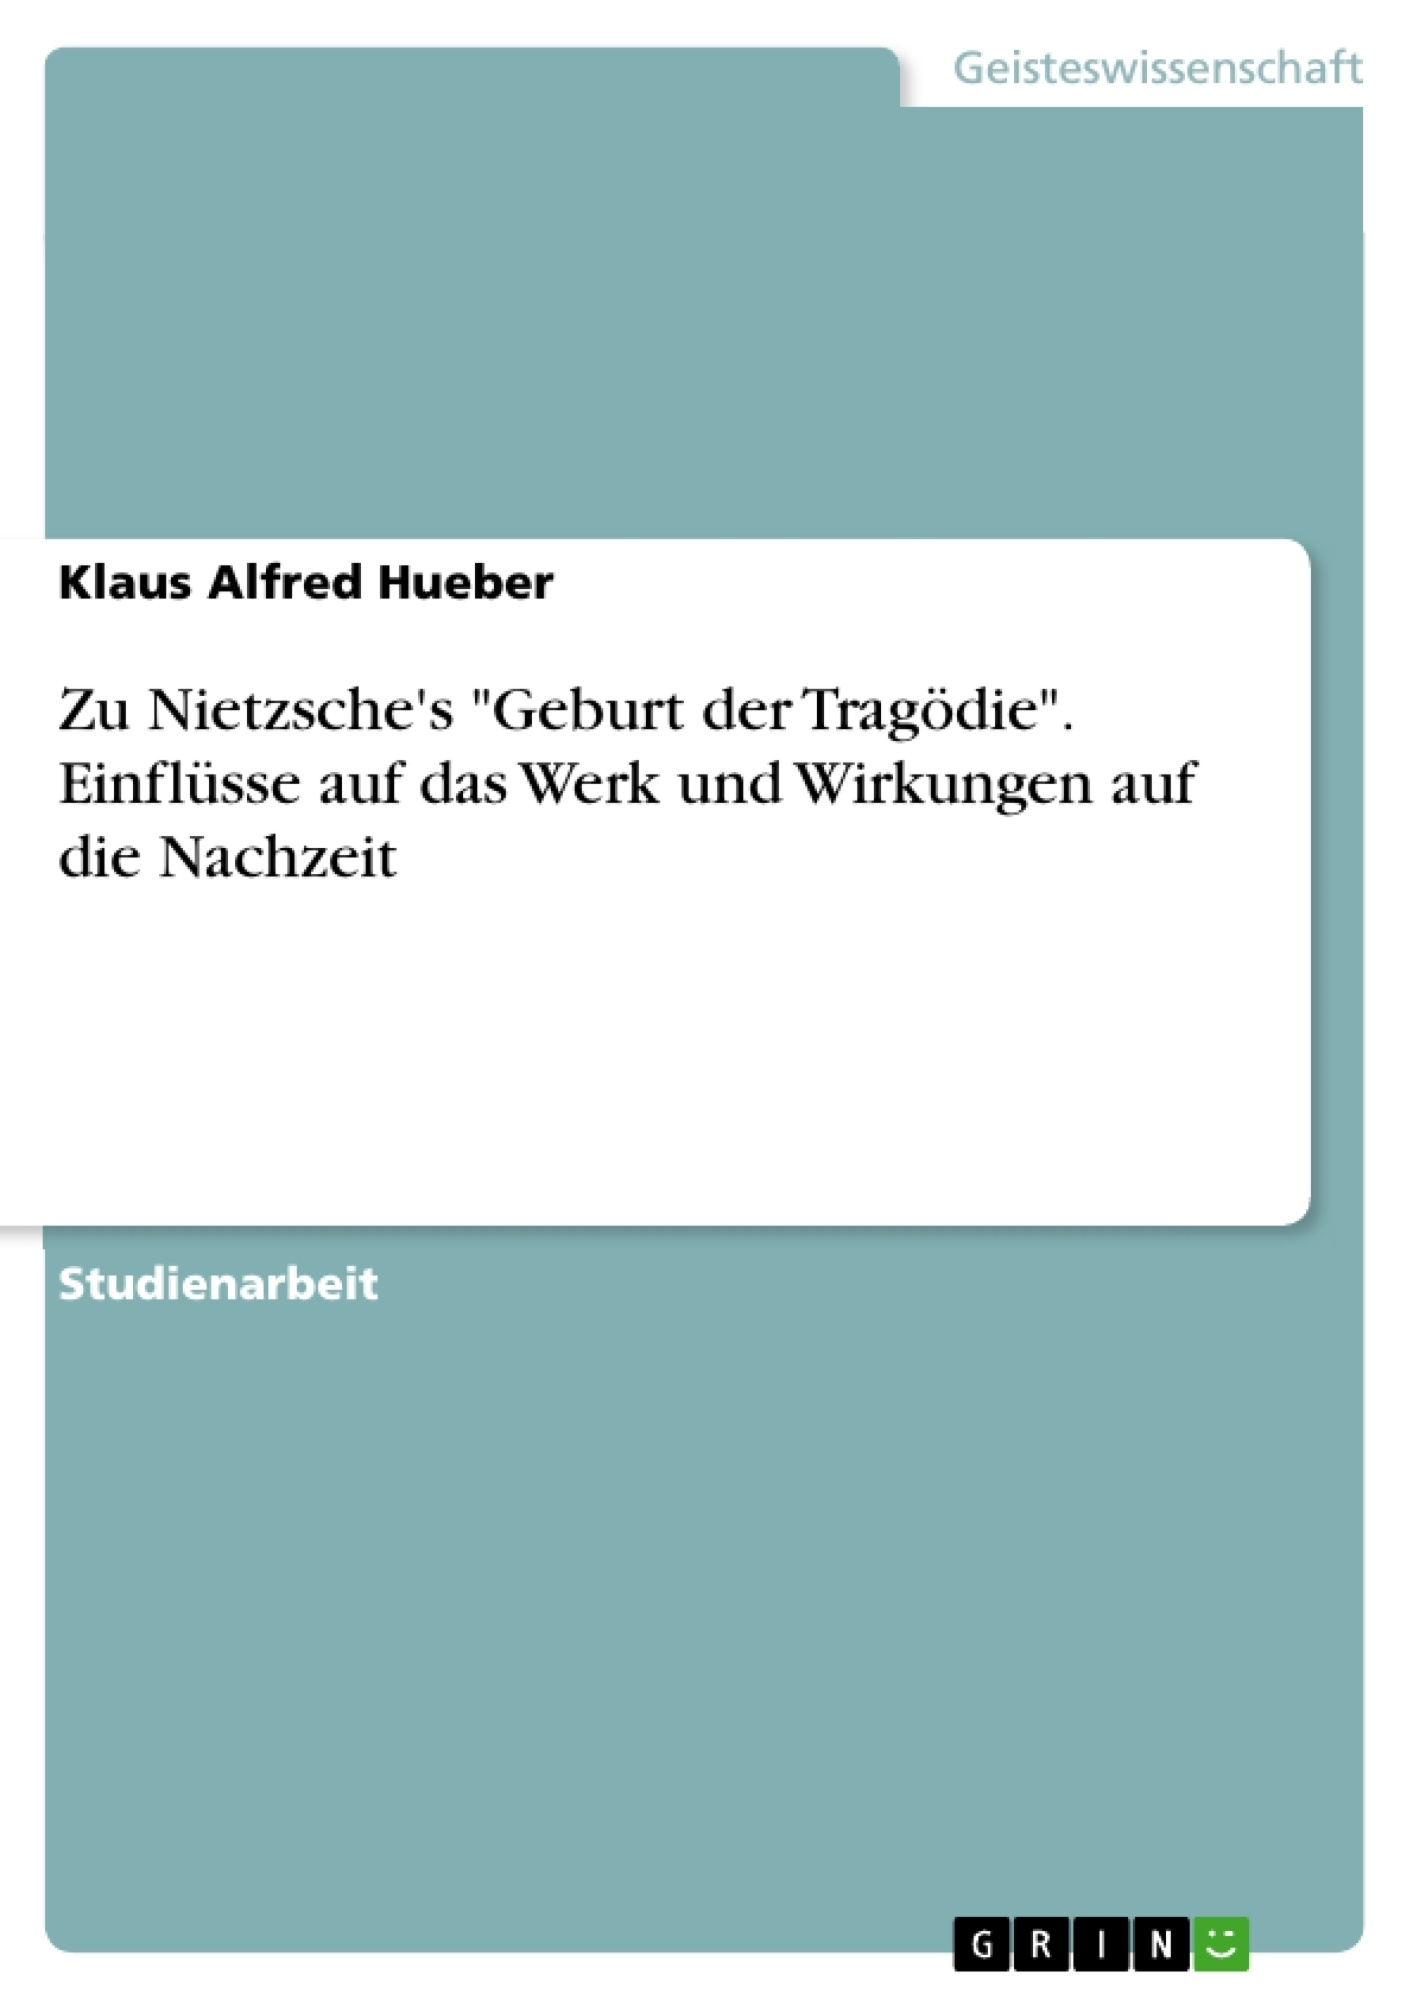 """Titel: Zu Nietzsche's """"Geburt der Tragödie"""". Einflüsse auf das Werk und Wirkungen auf die Nachzeit"""